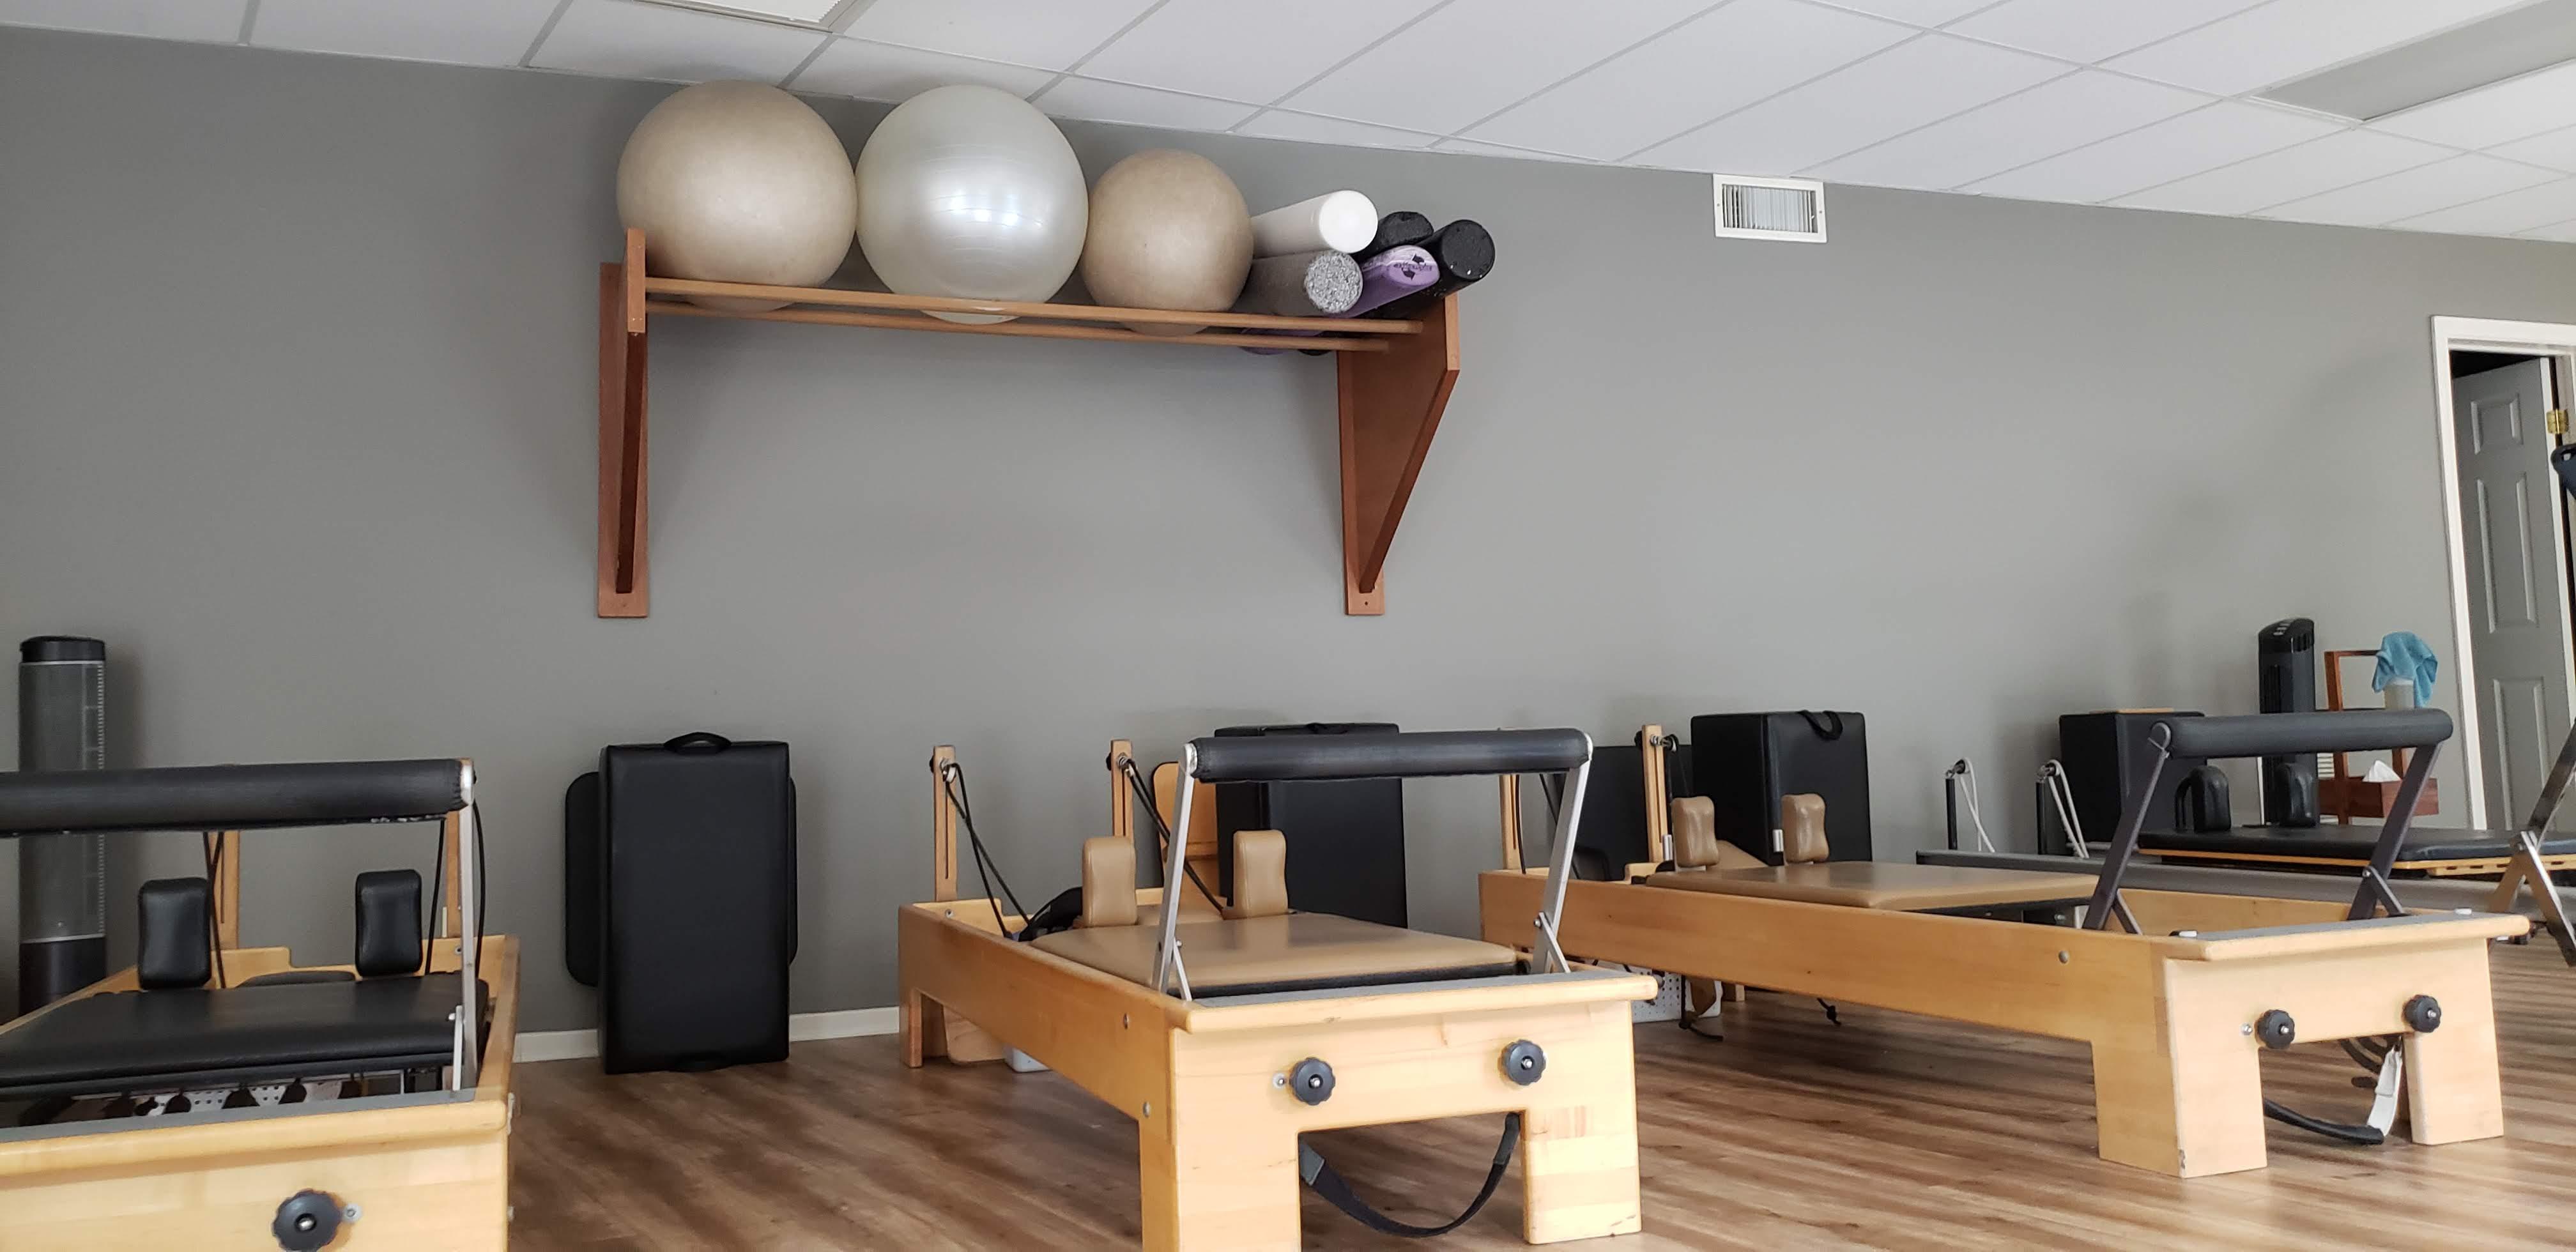 pilates-reformer-studio.jpg